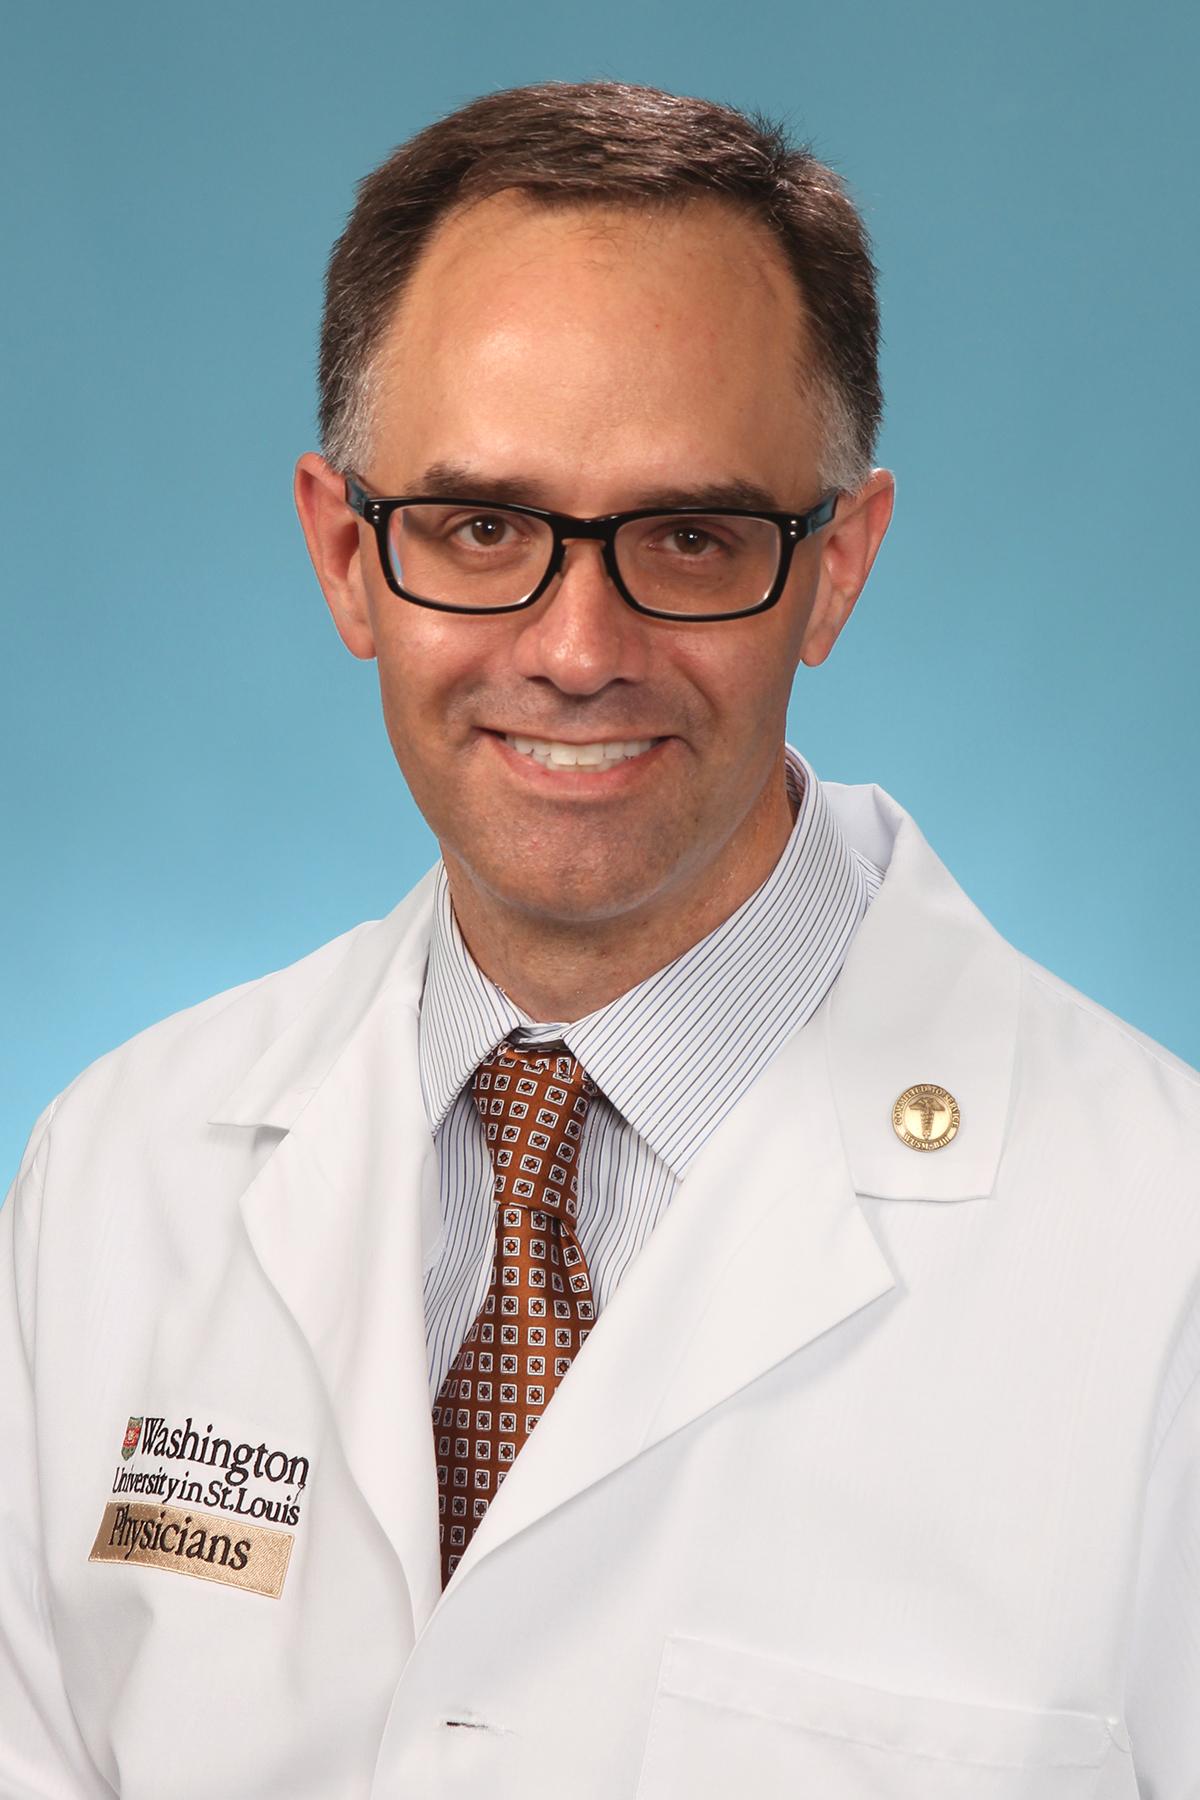 Dr. Adam Eaton